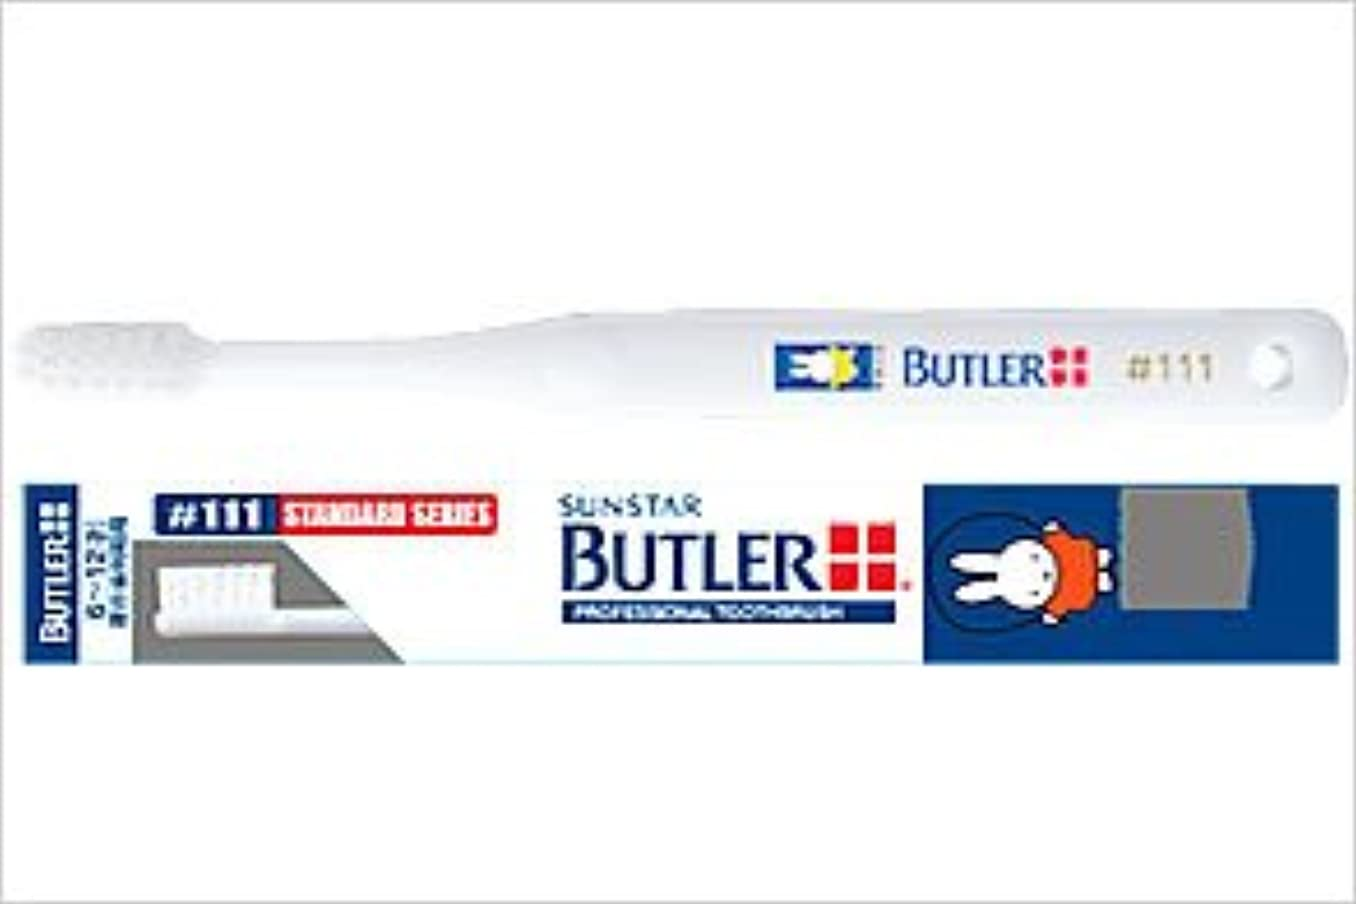 胴体提供された田舎者バトラー 歯ブラシ ミッフィーシリーズ 12本入 #111